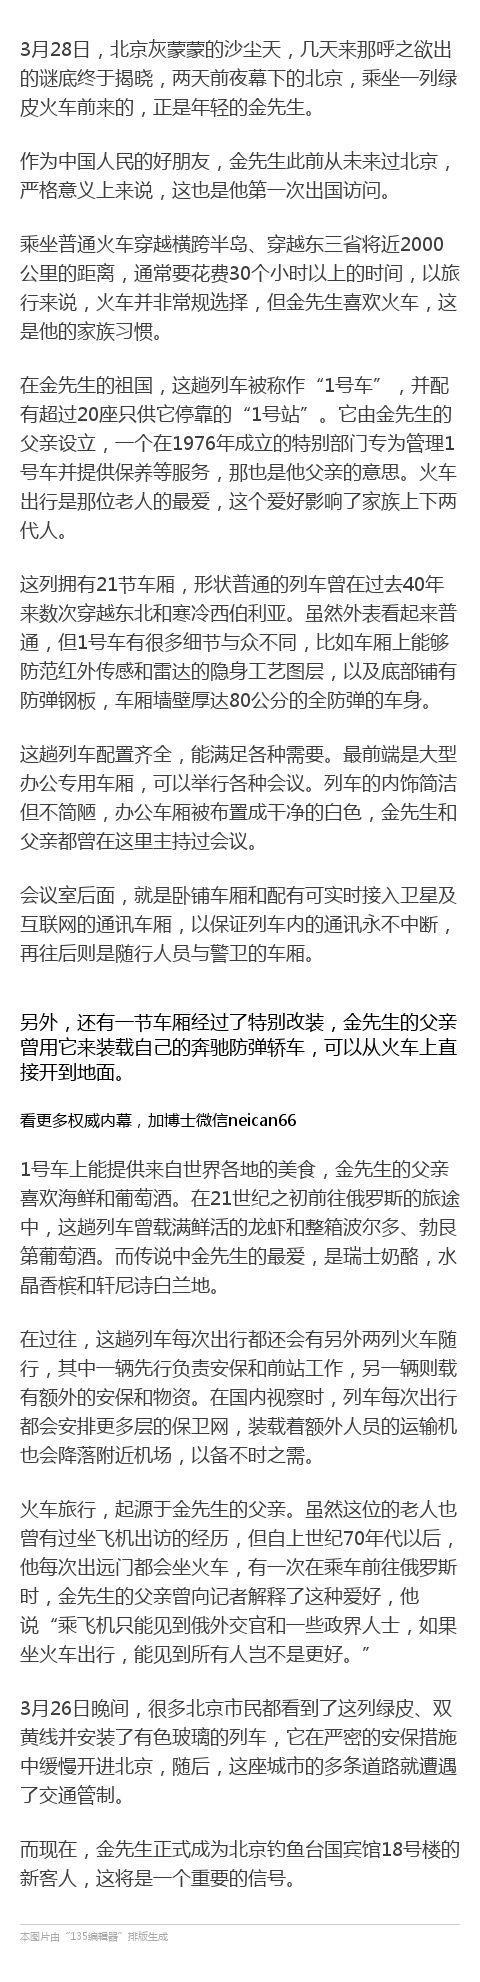 重庆时时彩下注网站:一号家族的绿皮火车